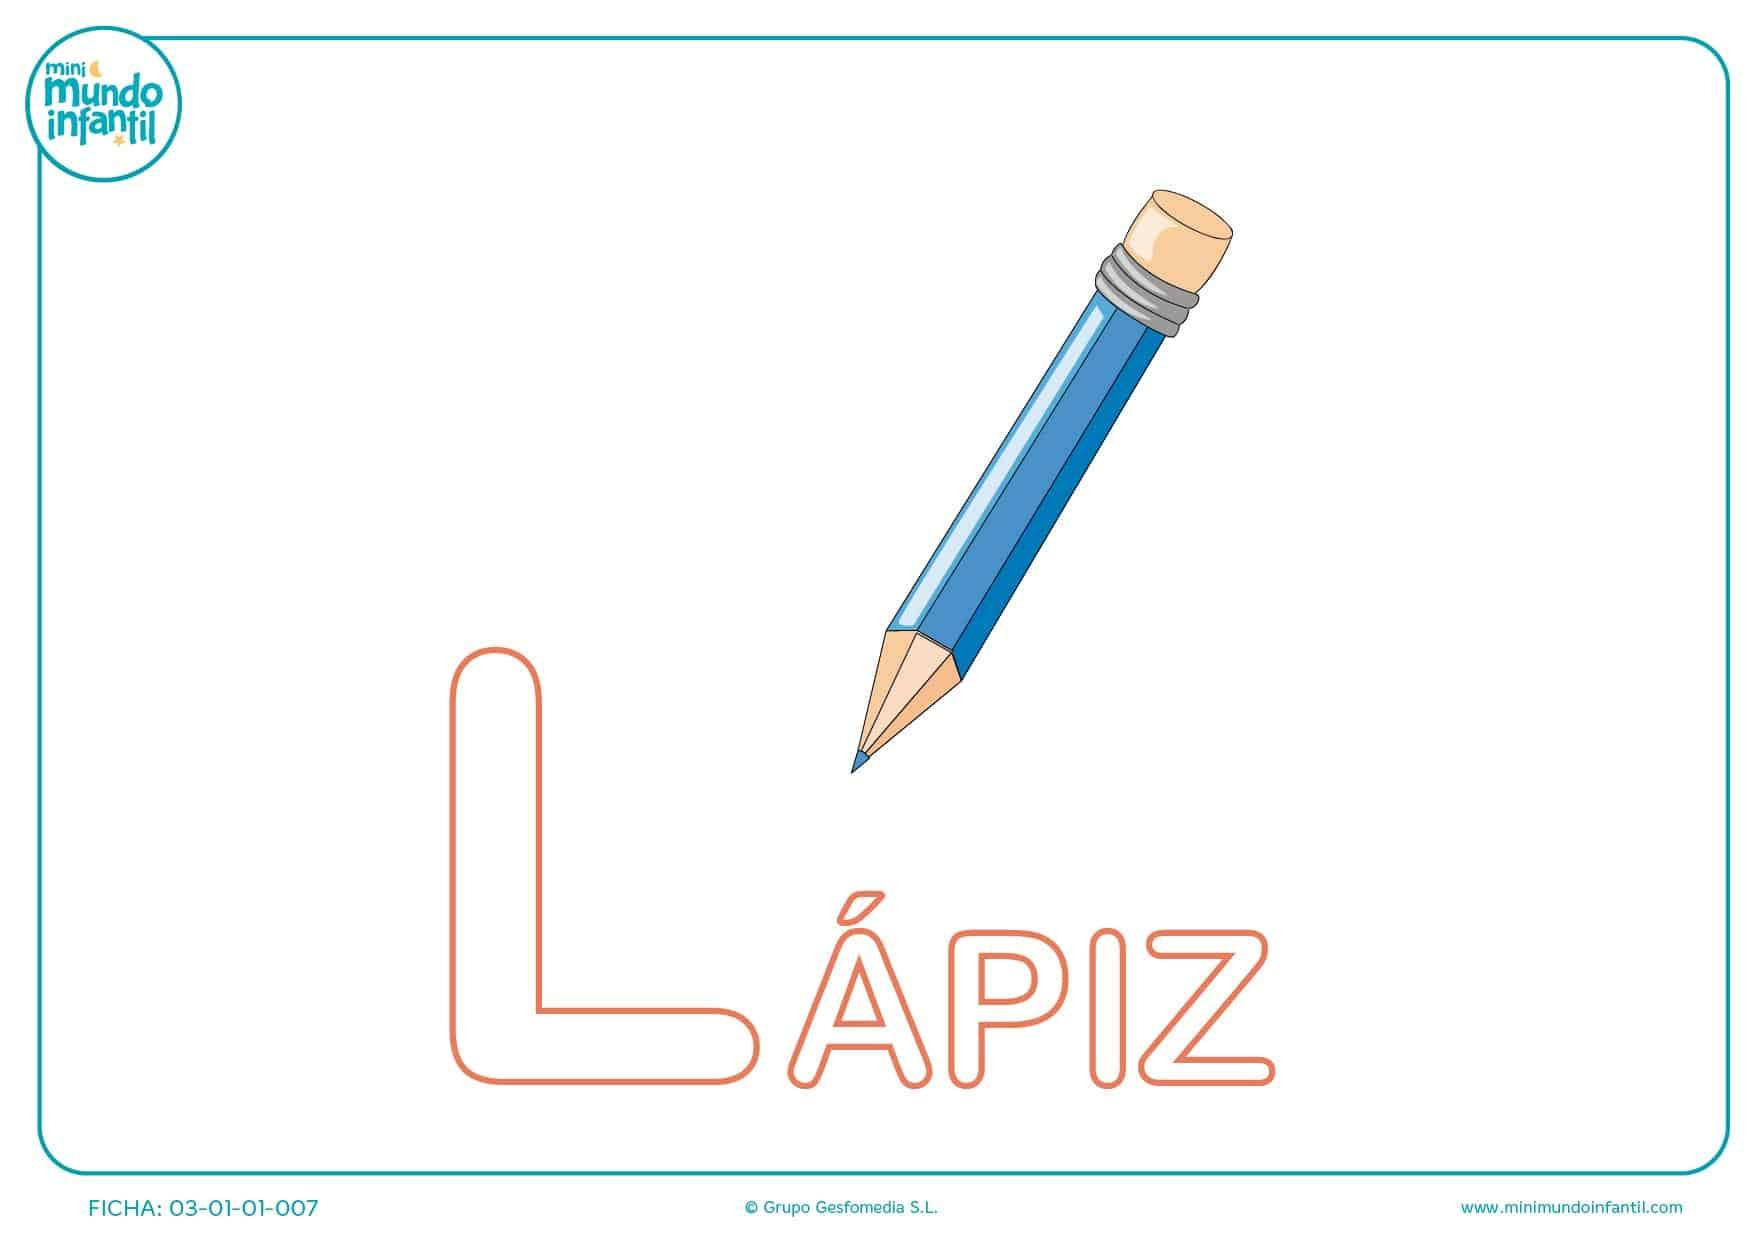 Letra L mayúscula de lápiz para pintar